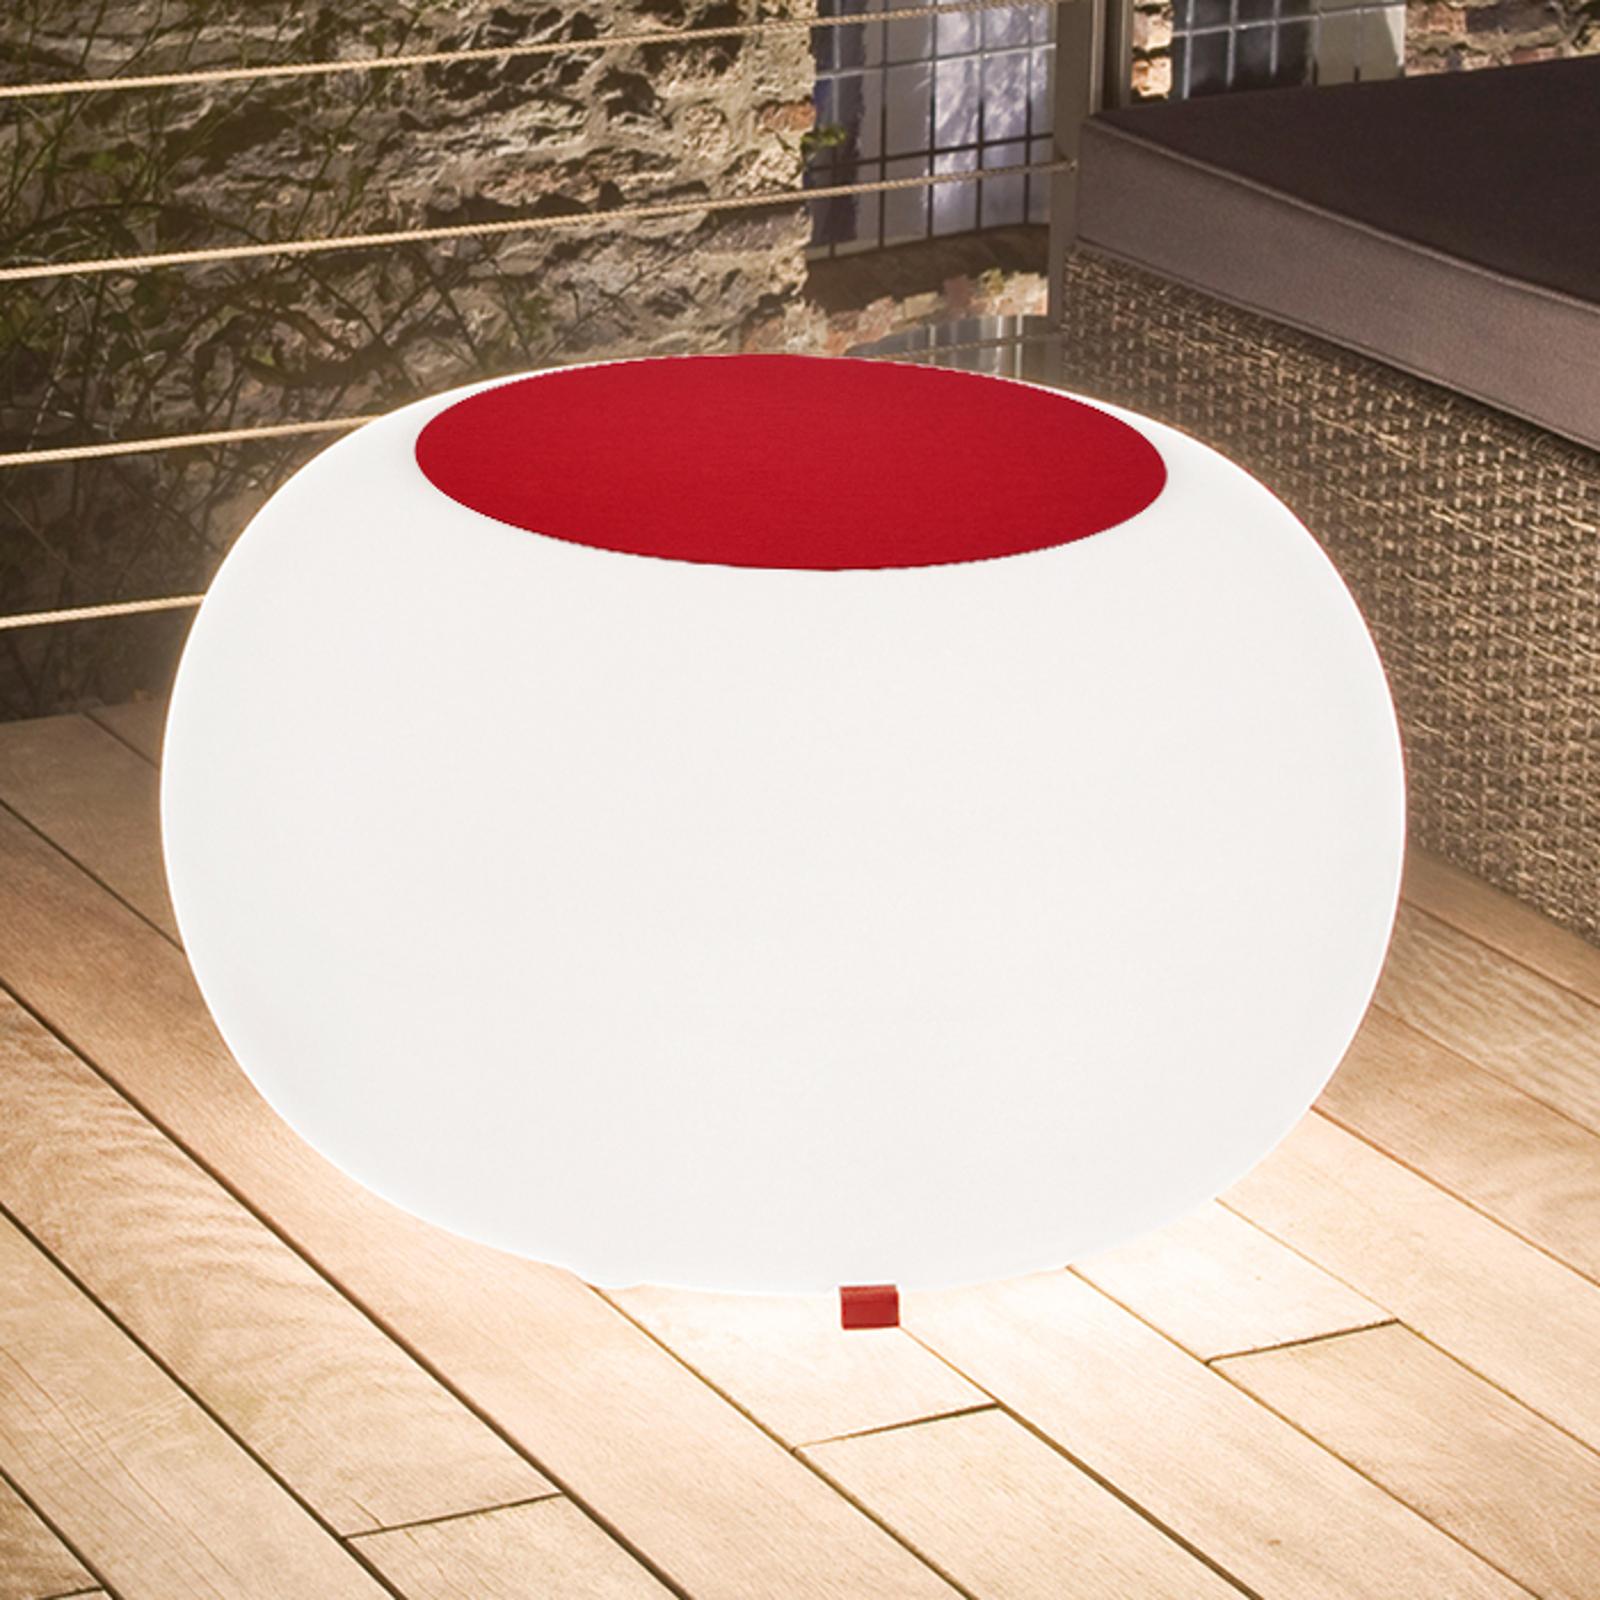 Bubble Outdoor Tisch E27 Leuchtmittel, Filz rot